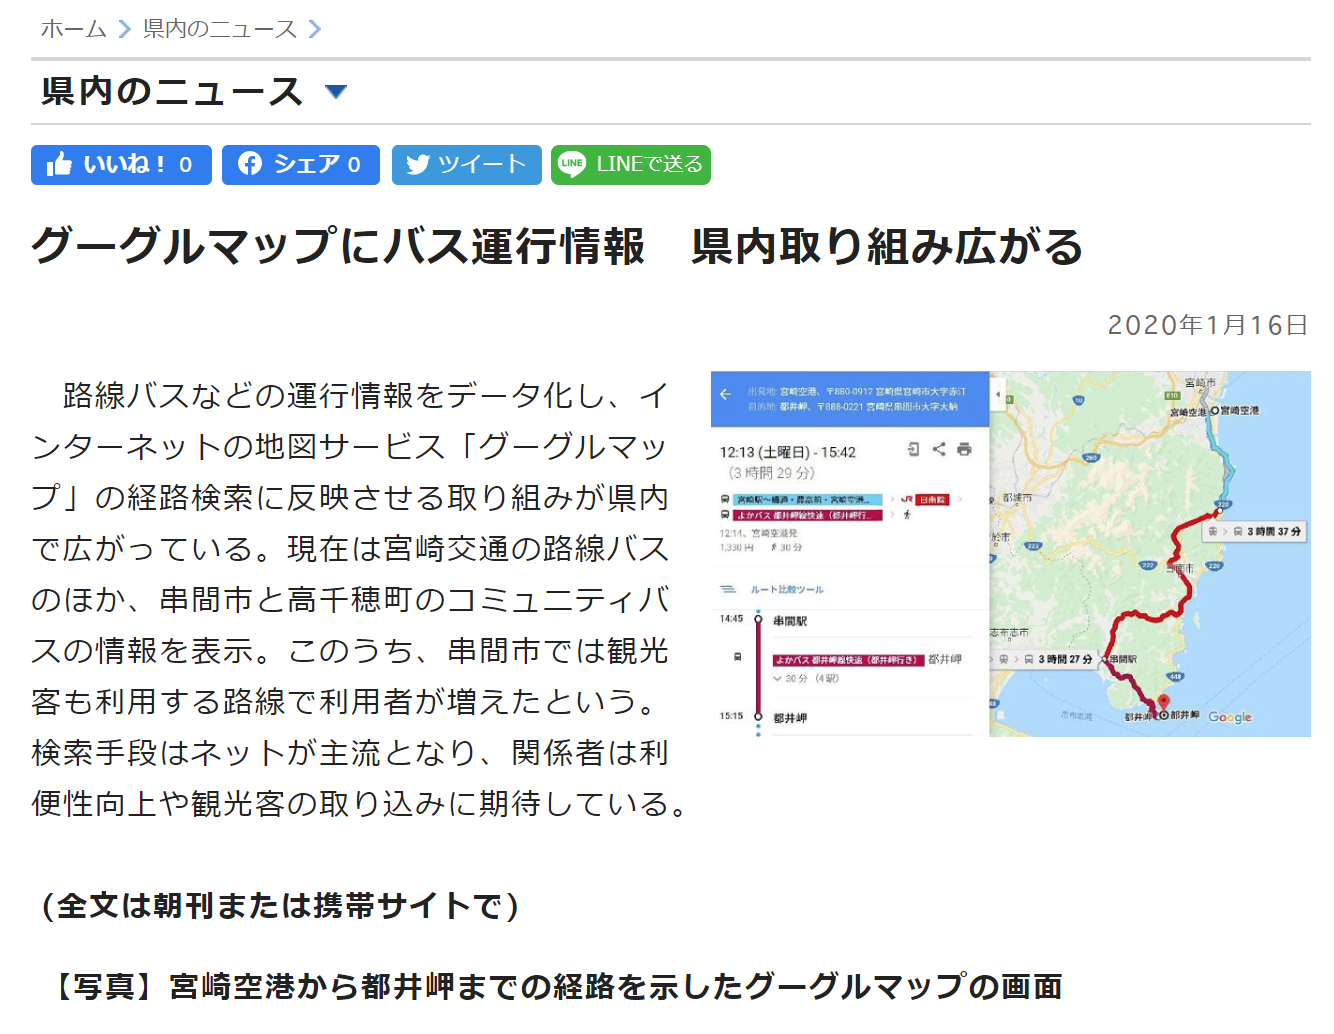 宮崎交通グーグルマップ対応